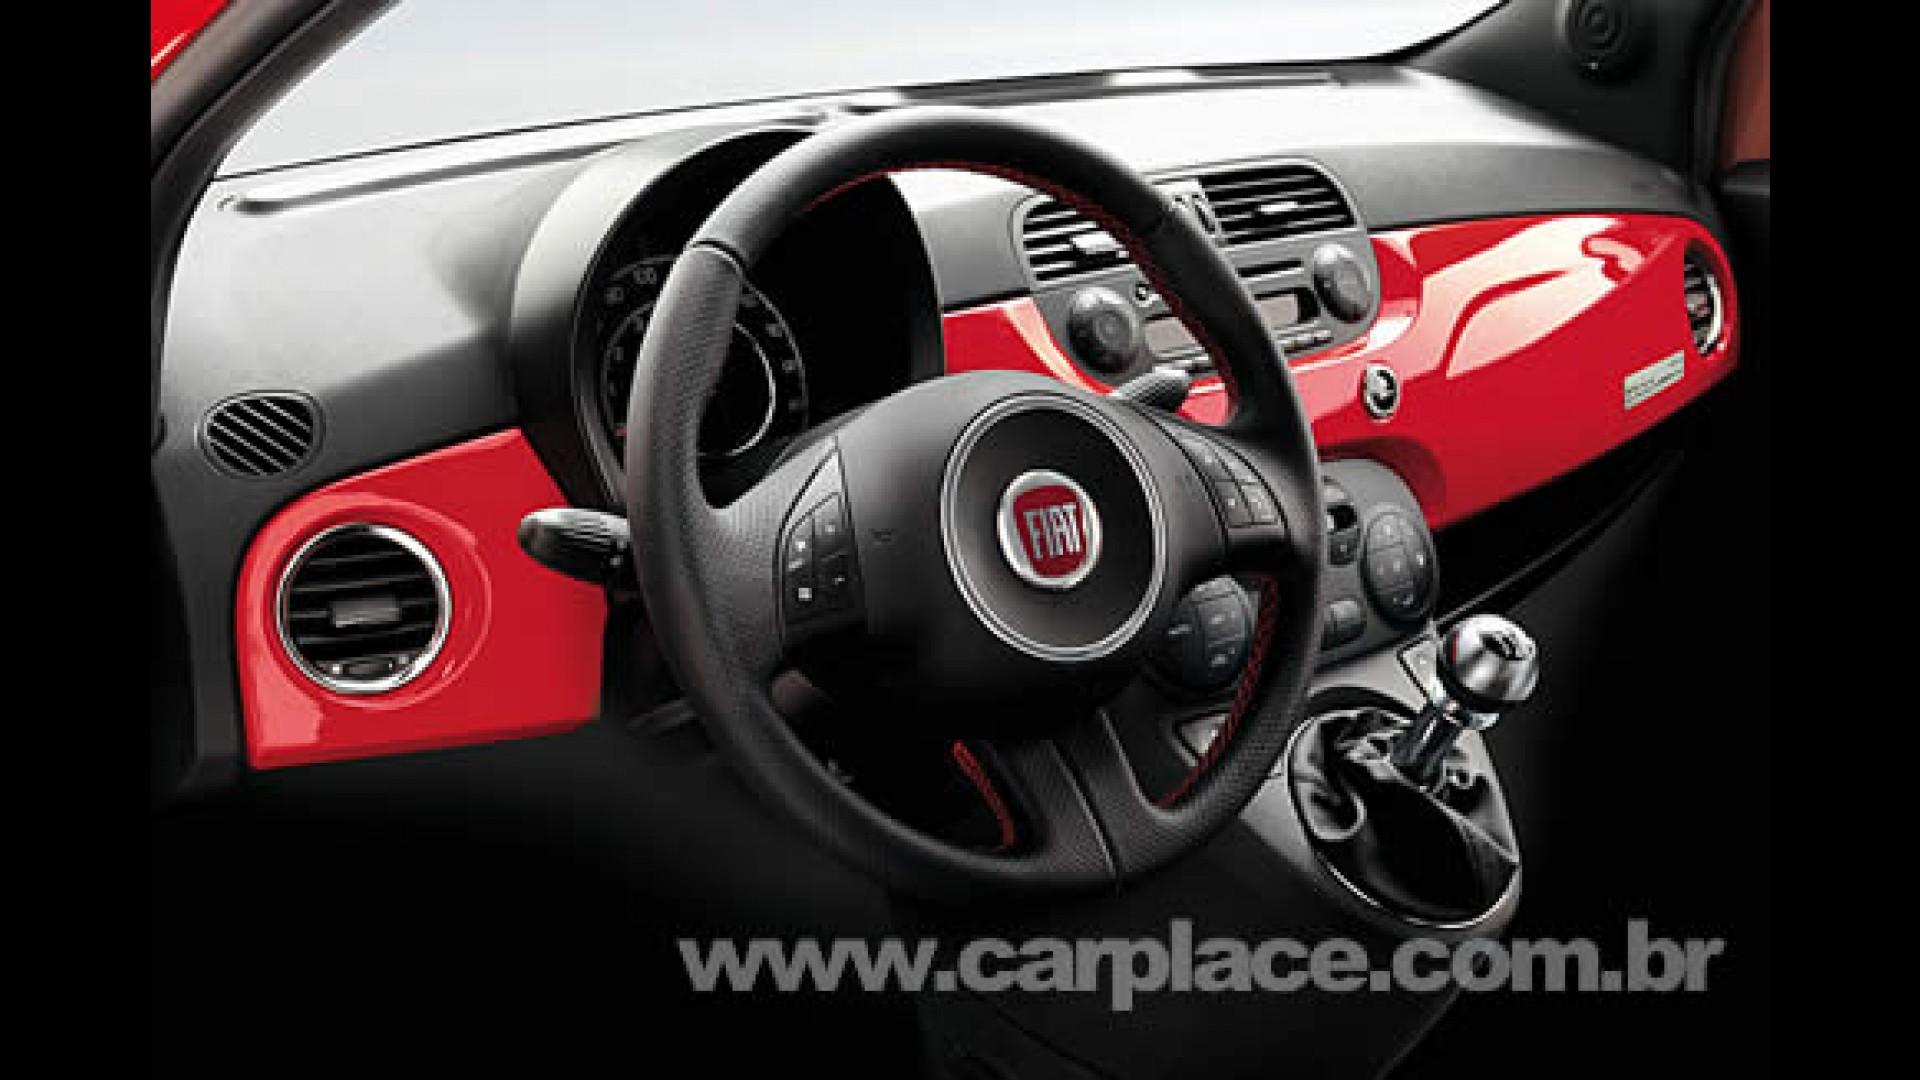 Fiat 500 Ferrari Edition Compacto Ganha Edicao Limitada Em 200 Unidades